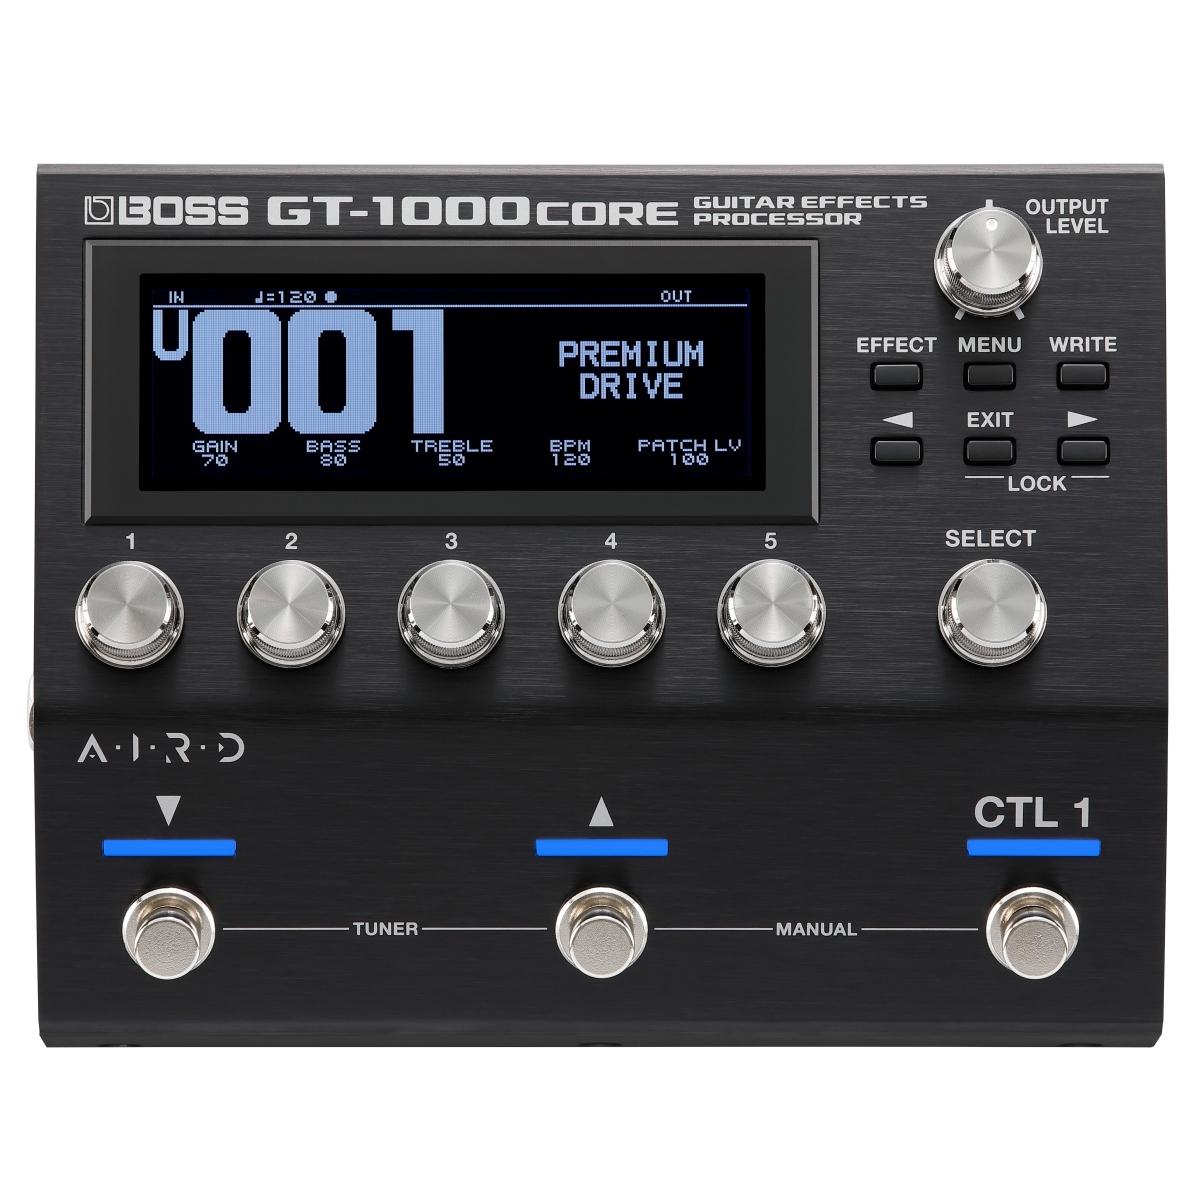 創造を生み出すサウンド コア GT1000CORE登場 あす楽365日 BOSS 買い物 GT-1000CORE ギター ベース用マルチエフェクター PTNB 超激安特価 エフェクター +2307117130001》 ボス YRK 《特典つき GT1000